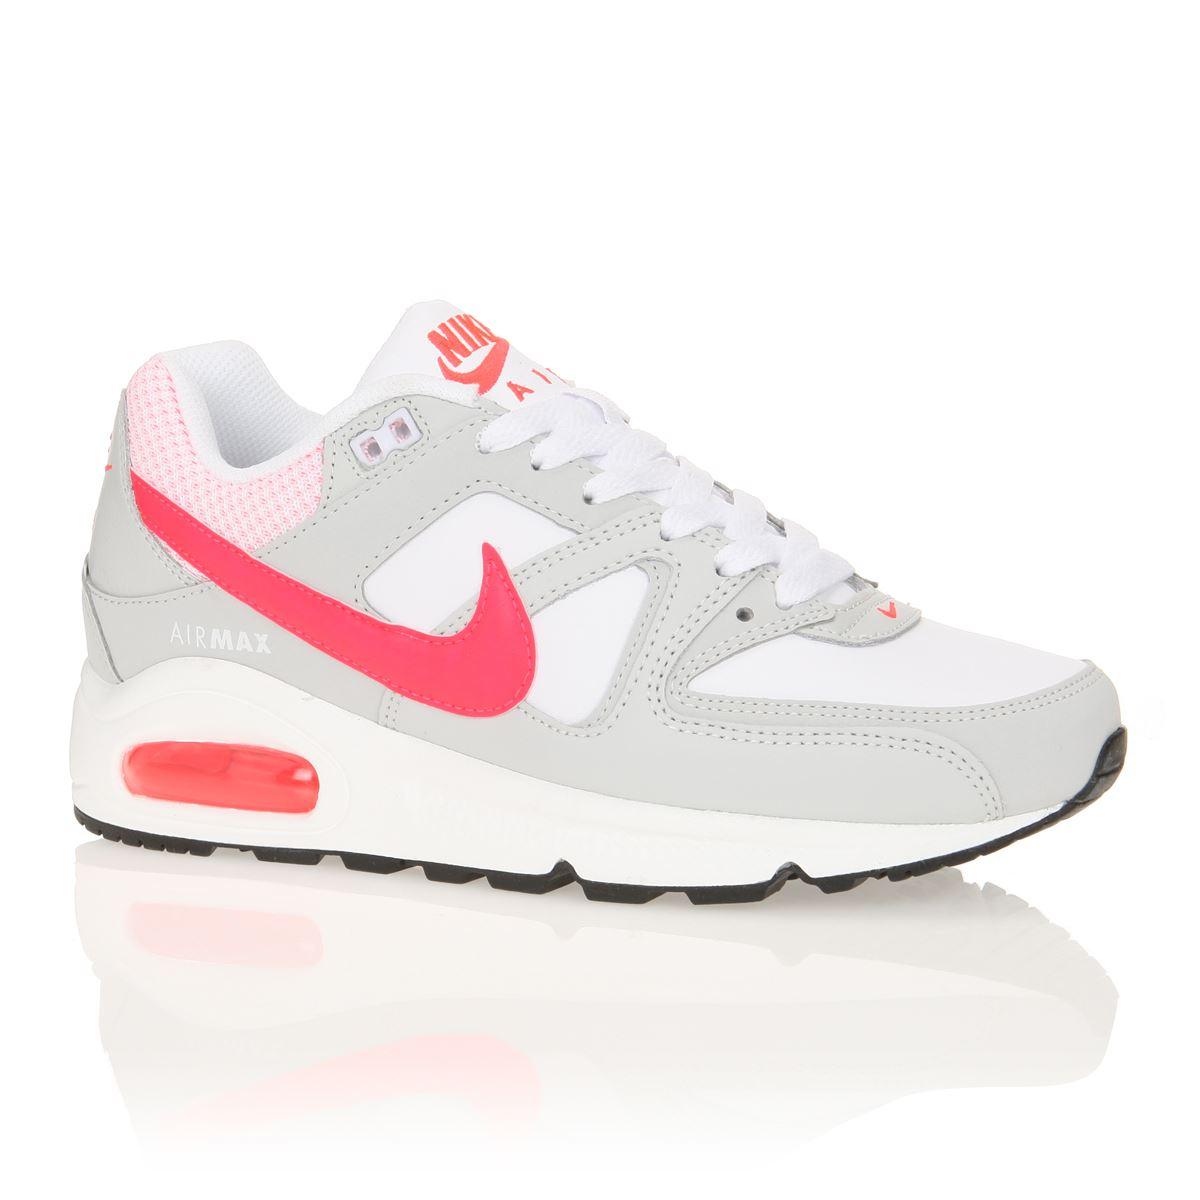 16811c596a Achat   Vente produits Nike Air Max Command Femme